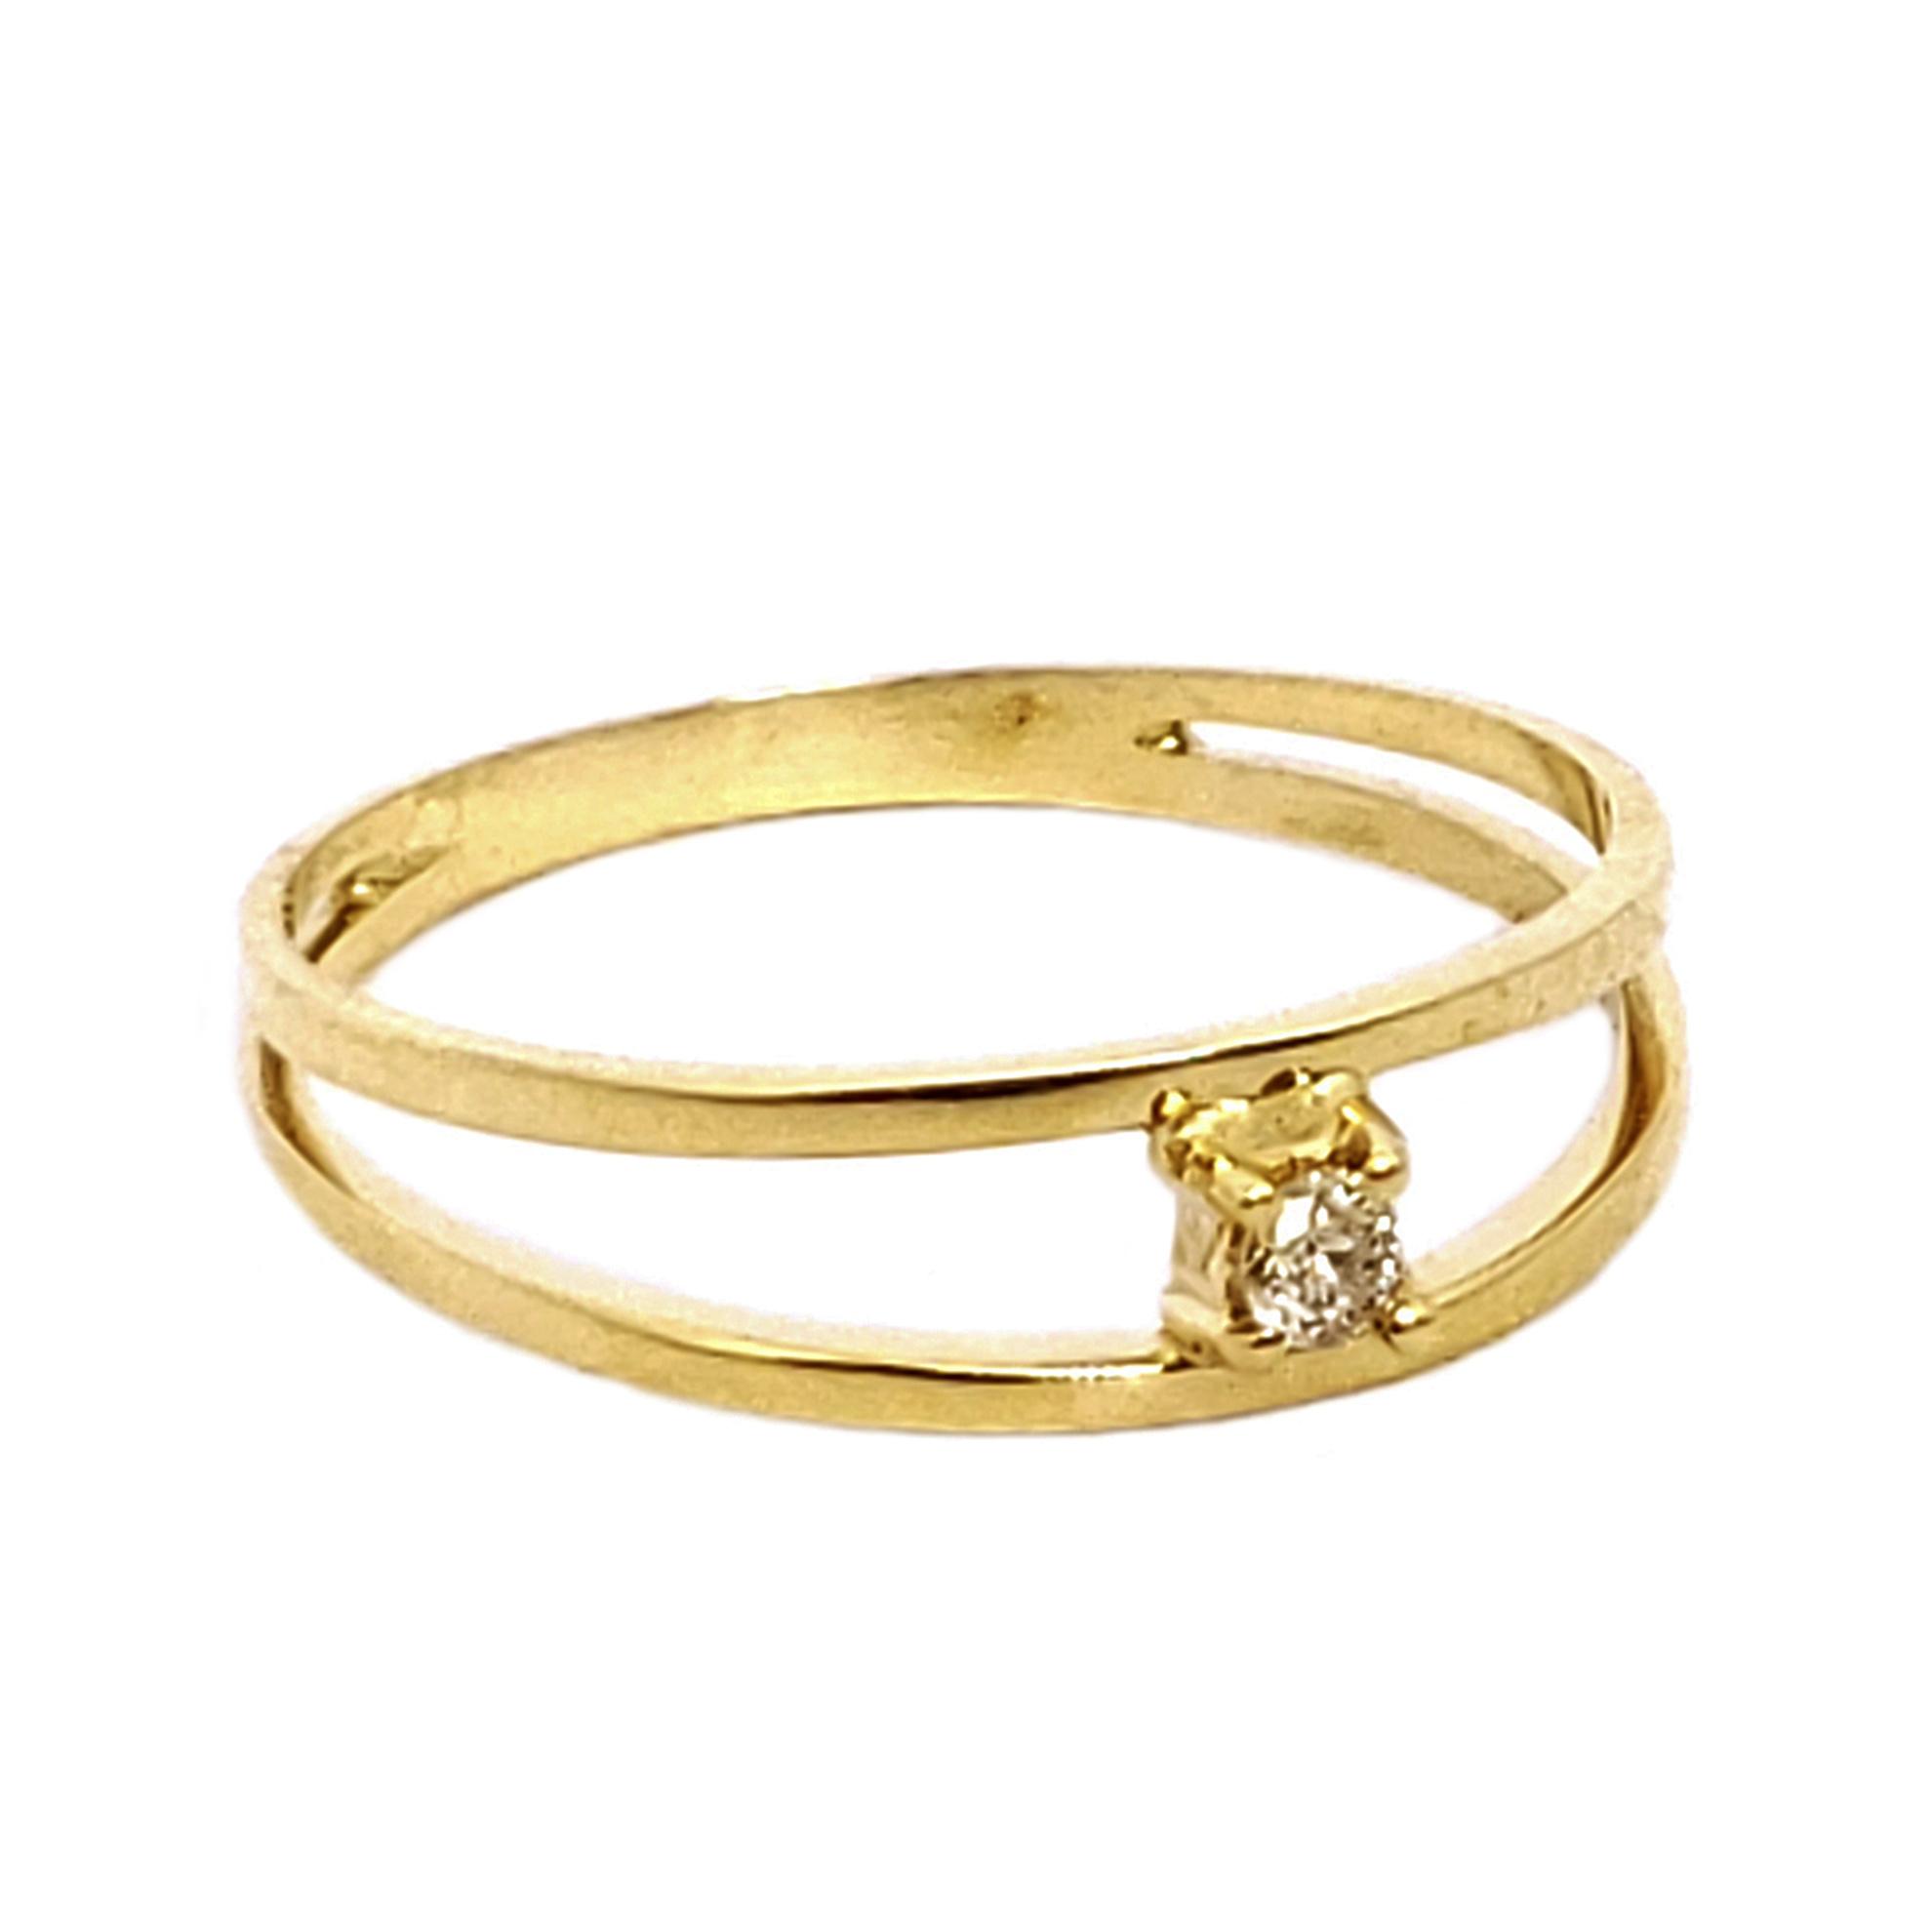 Anel Solitário Aro Duplo c/ Diamante em Ouro 18 Kilates